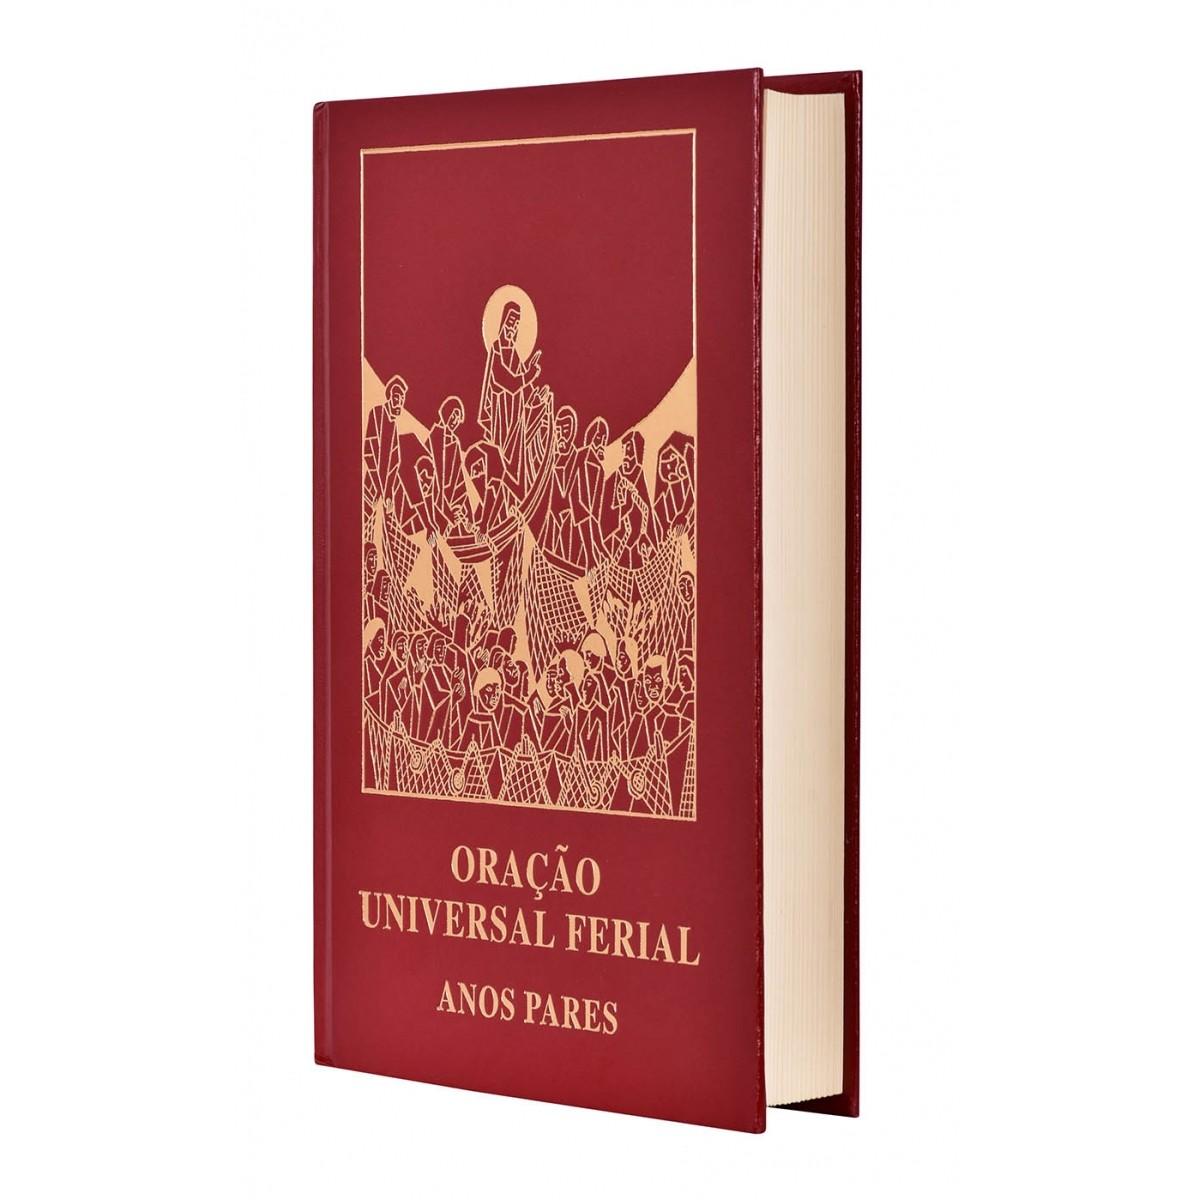 Oração Universal Ferial Anos Pares